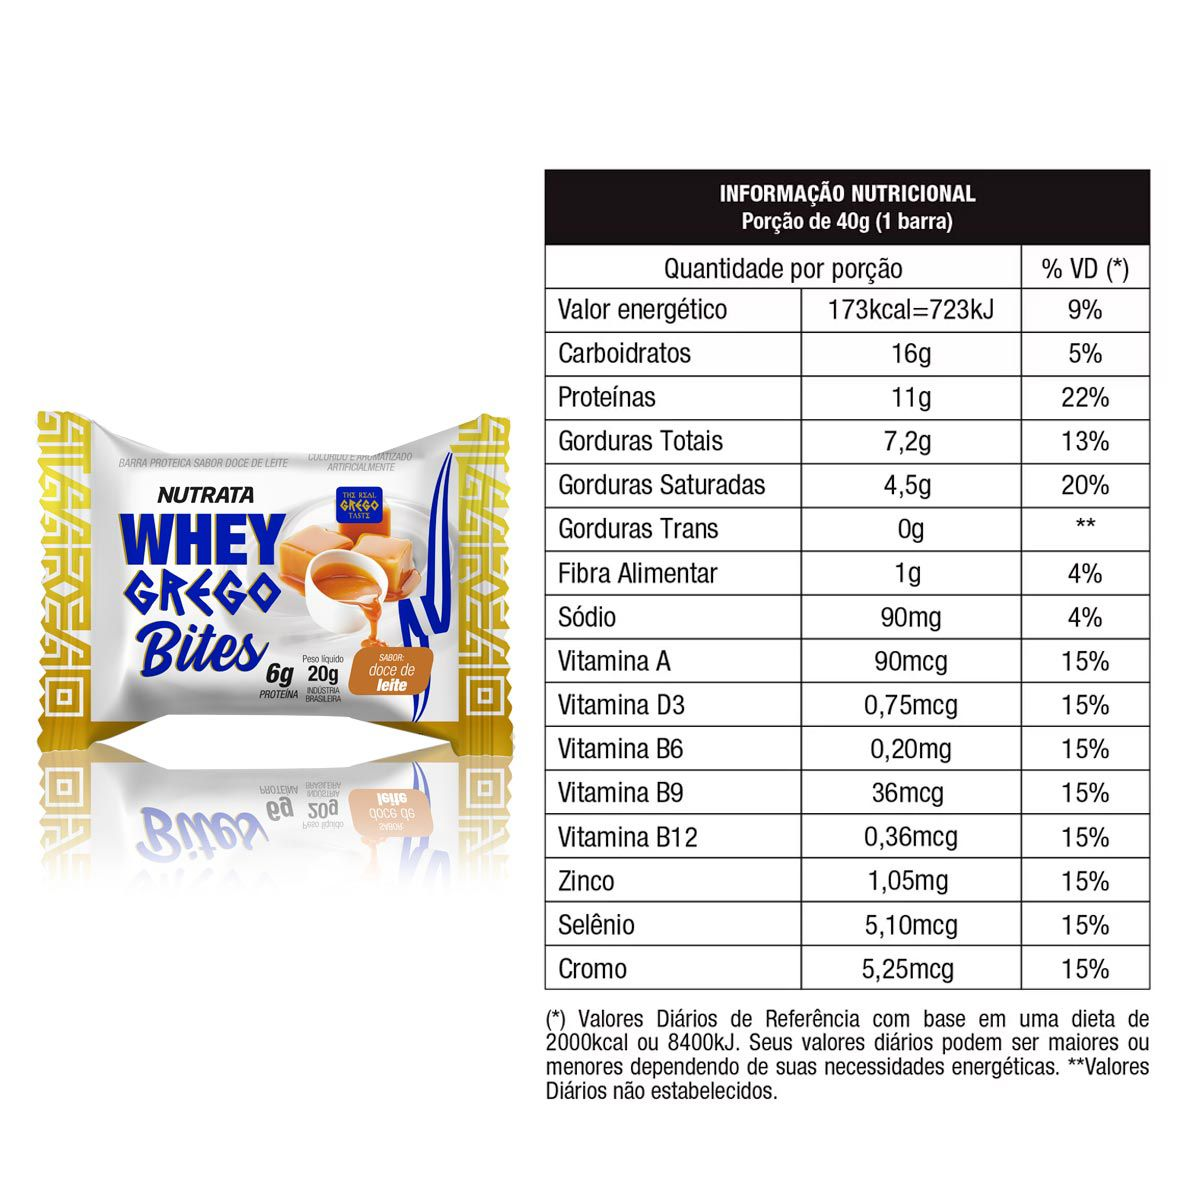 Whey Grego Bites Cream 18 Unidades - Nutrata VALIDADE MAIO de 2020